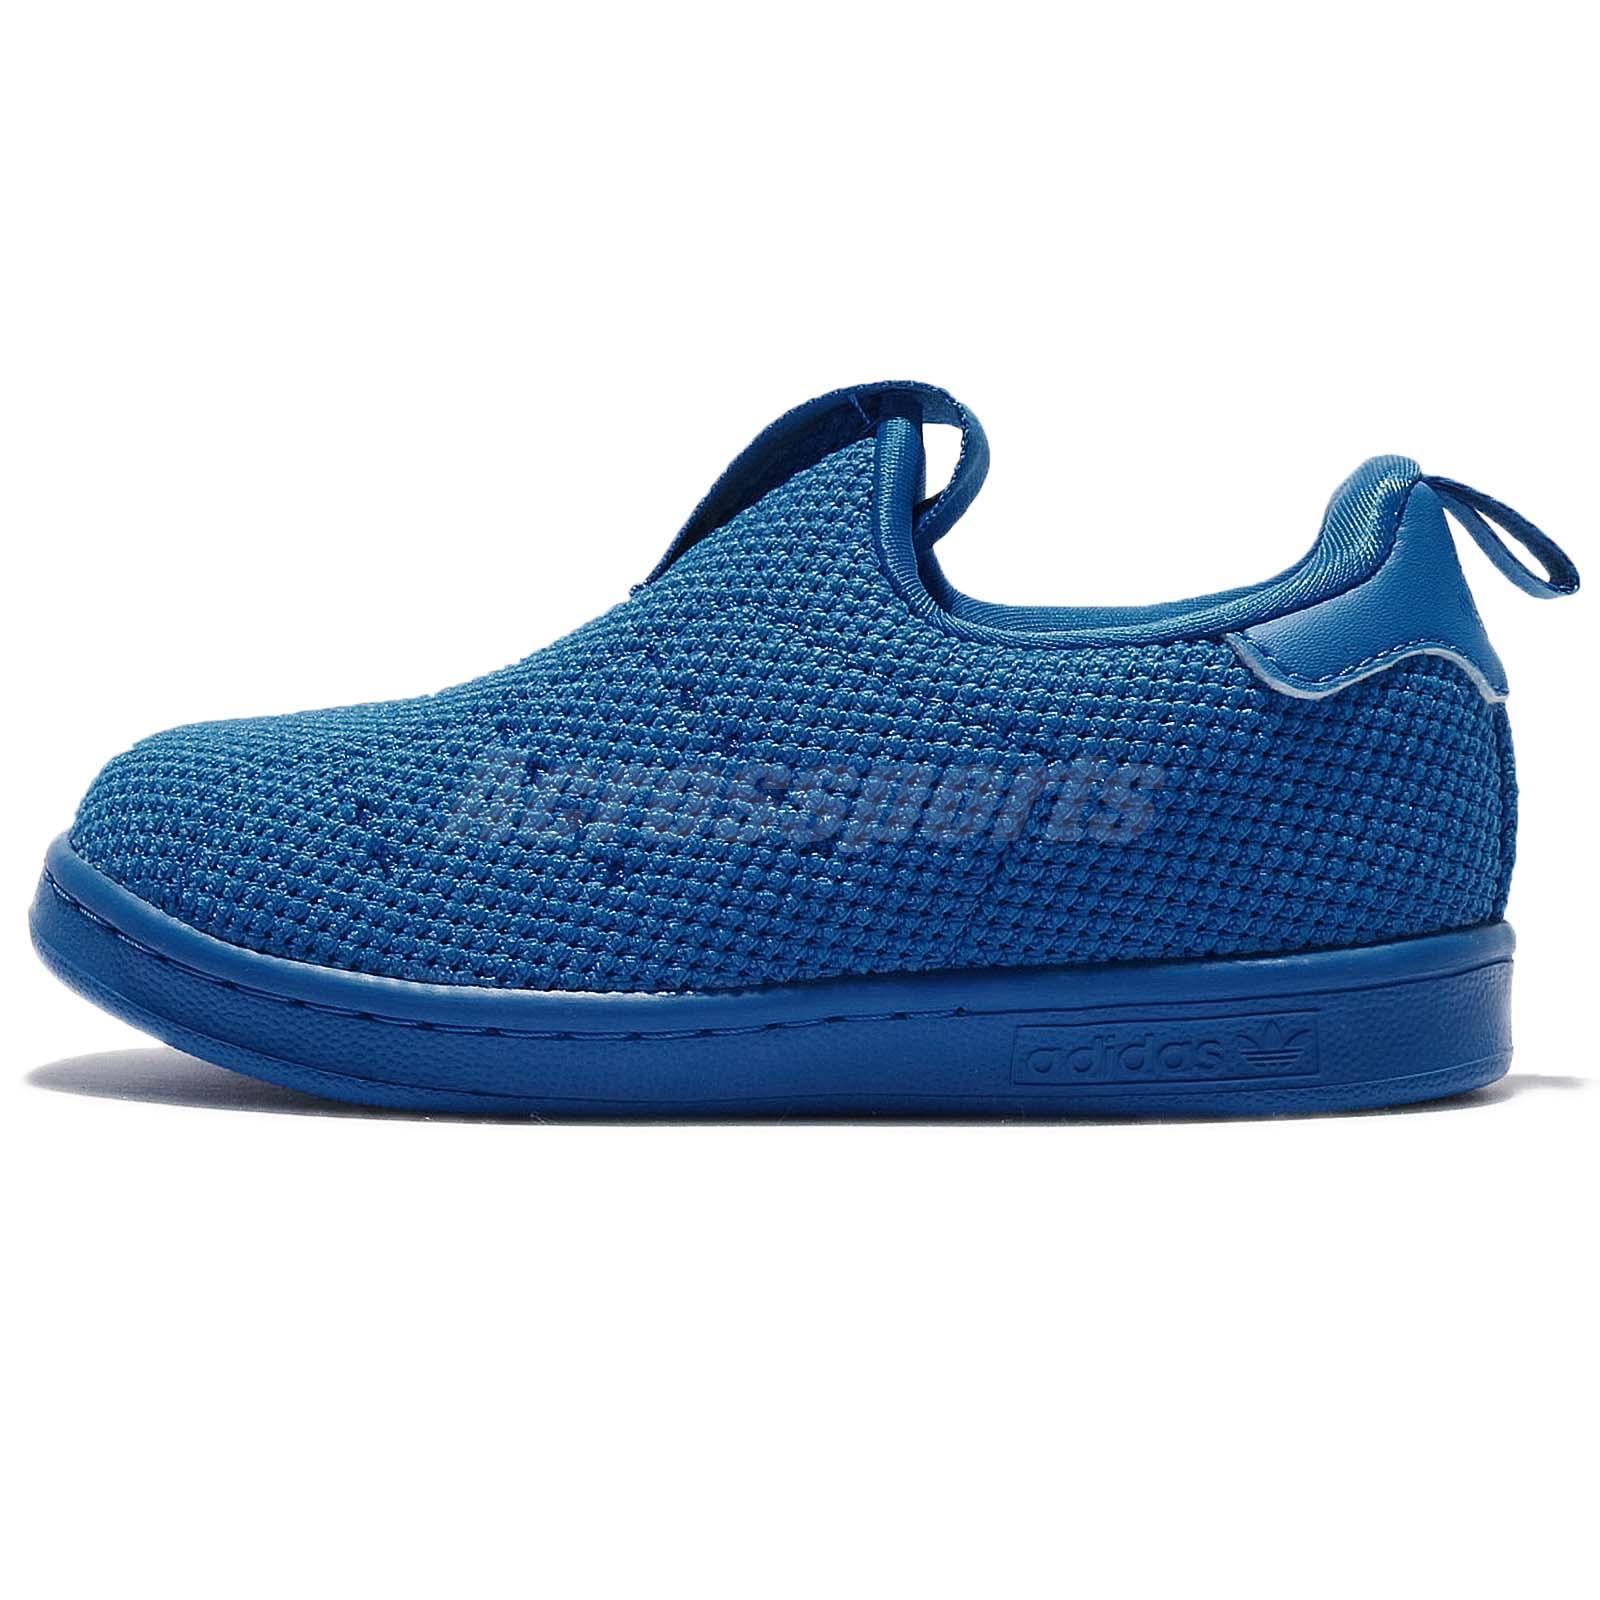 ... low priced d6f2e 4004a adidas Originals Stan Smith 360 SC I Supercolor  Shock Blue Infant Toddler ... 09b82bf6f623